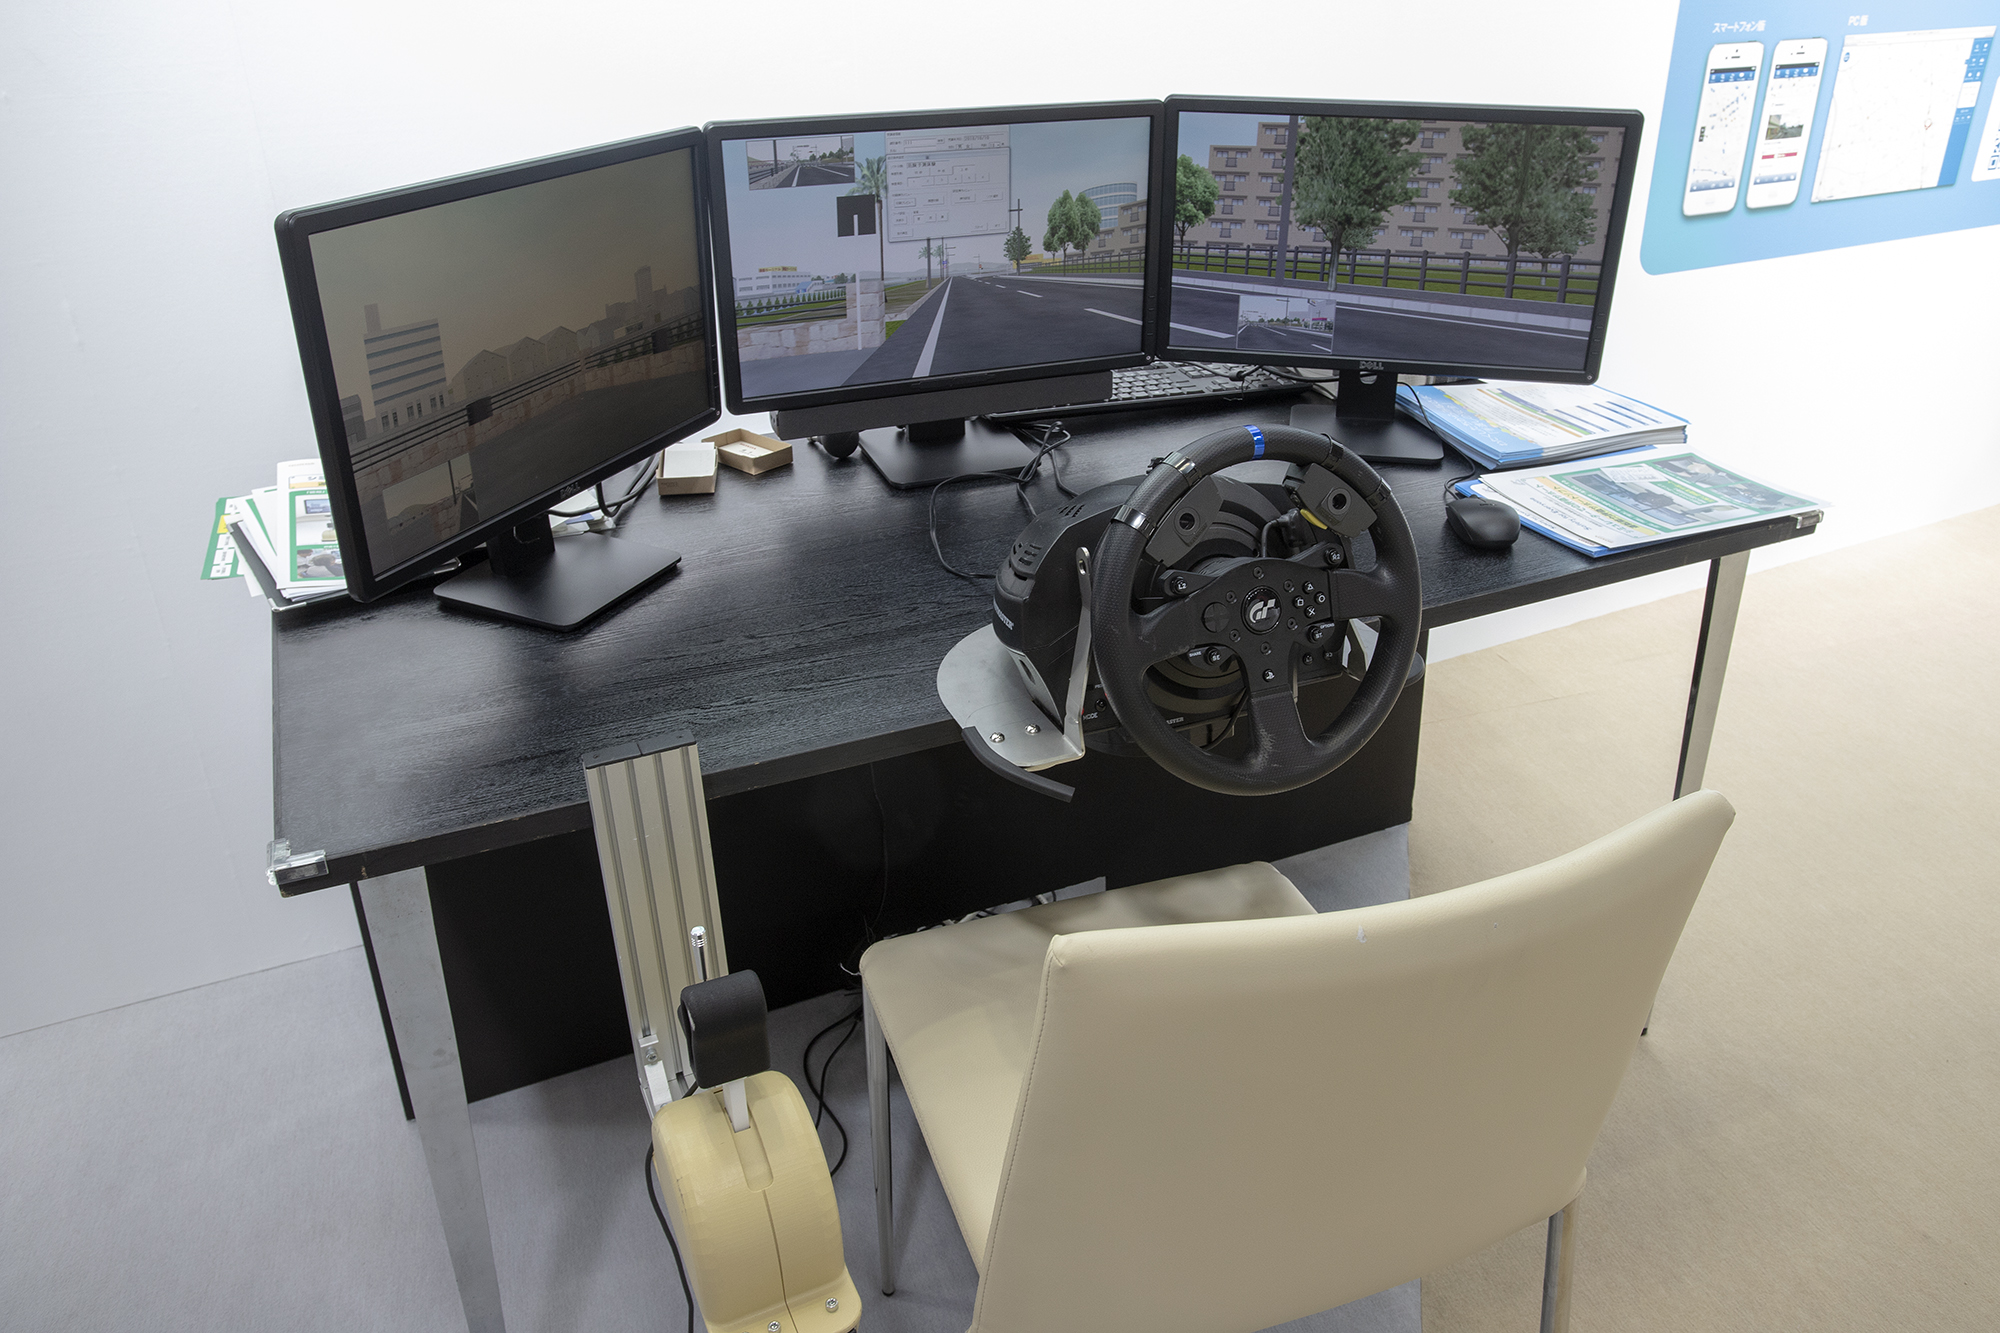 「自操式福祉車」初心者が運転の練習ができるホンダ「シミュレーター」システム